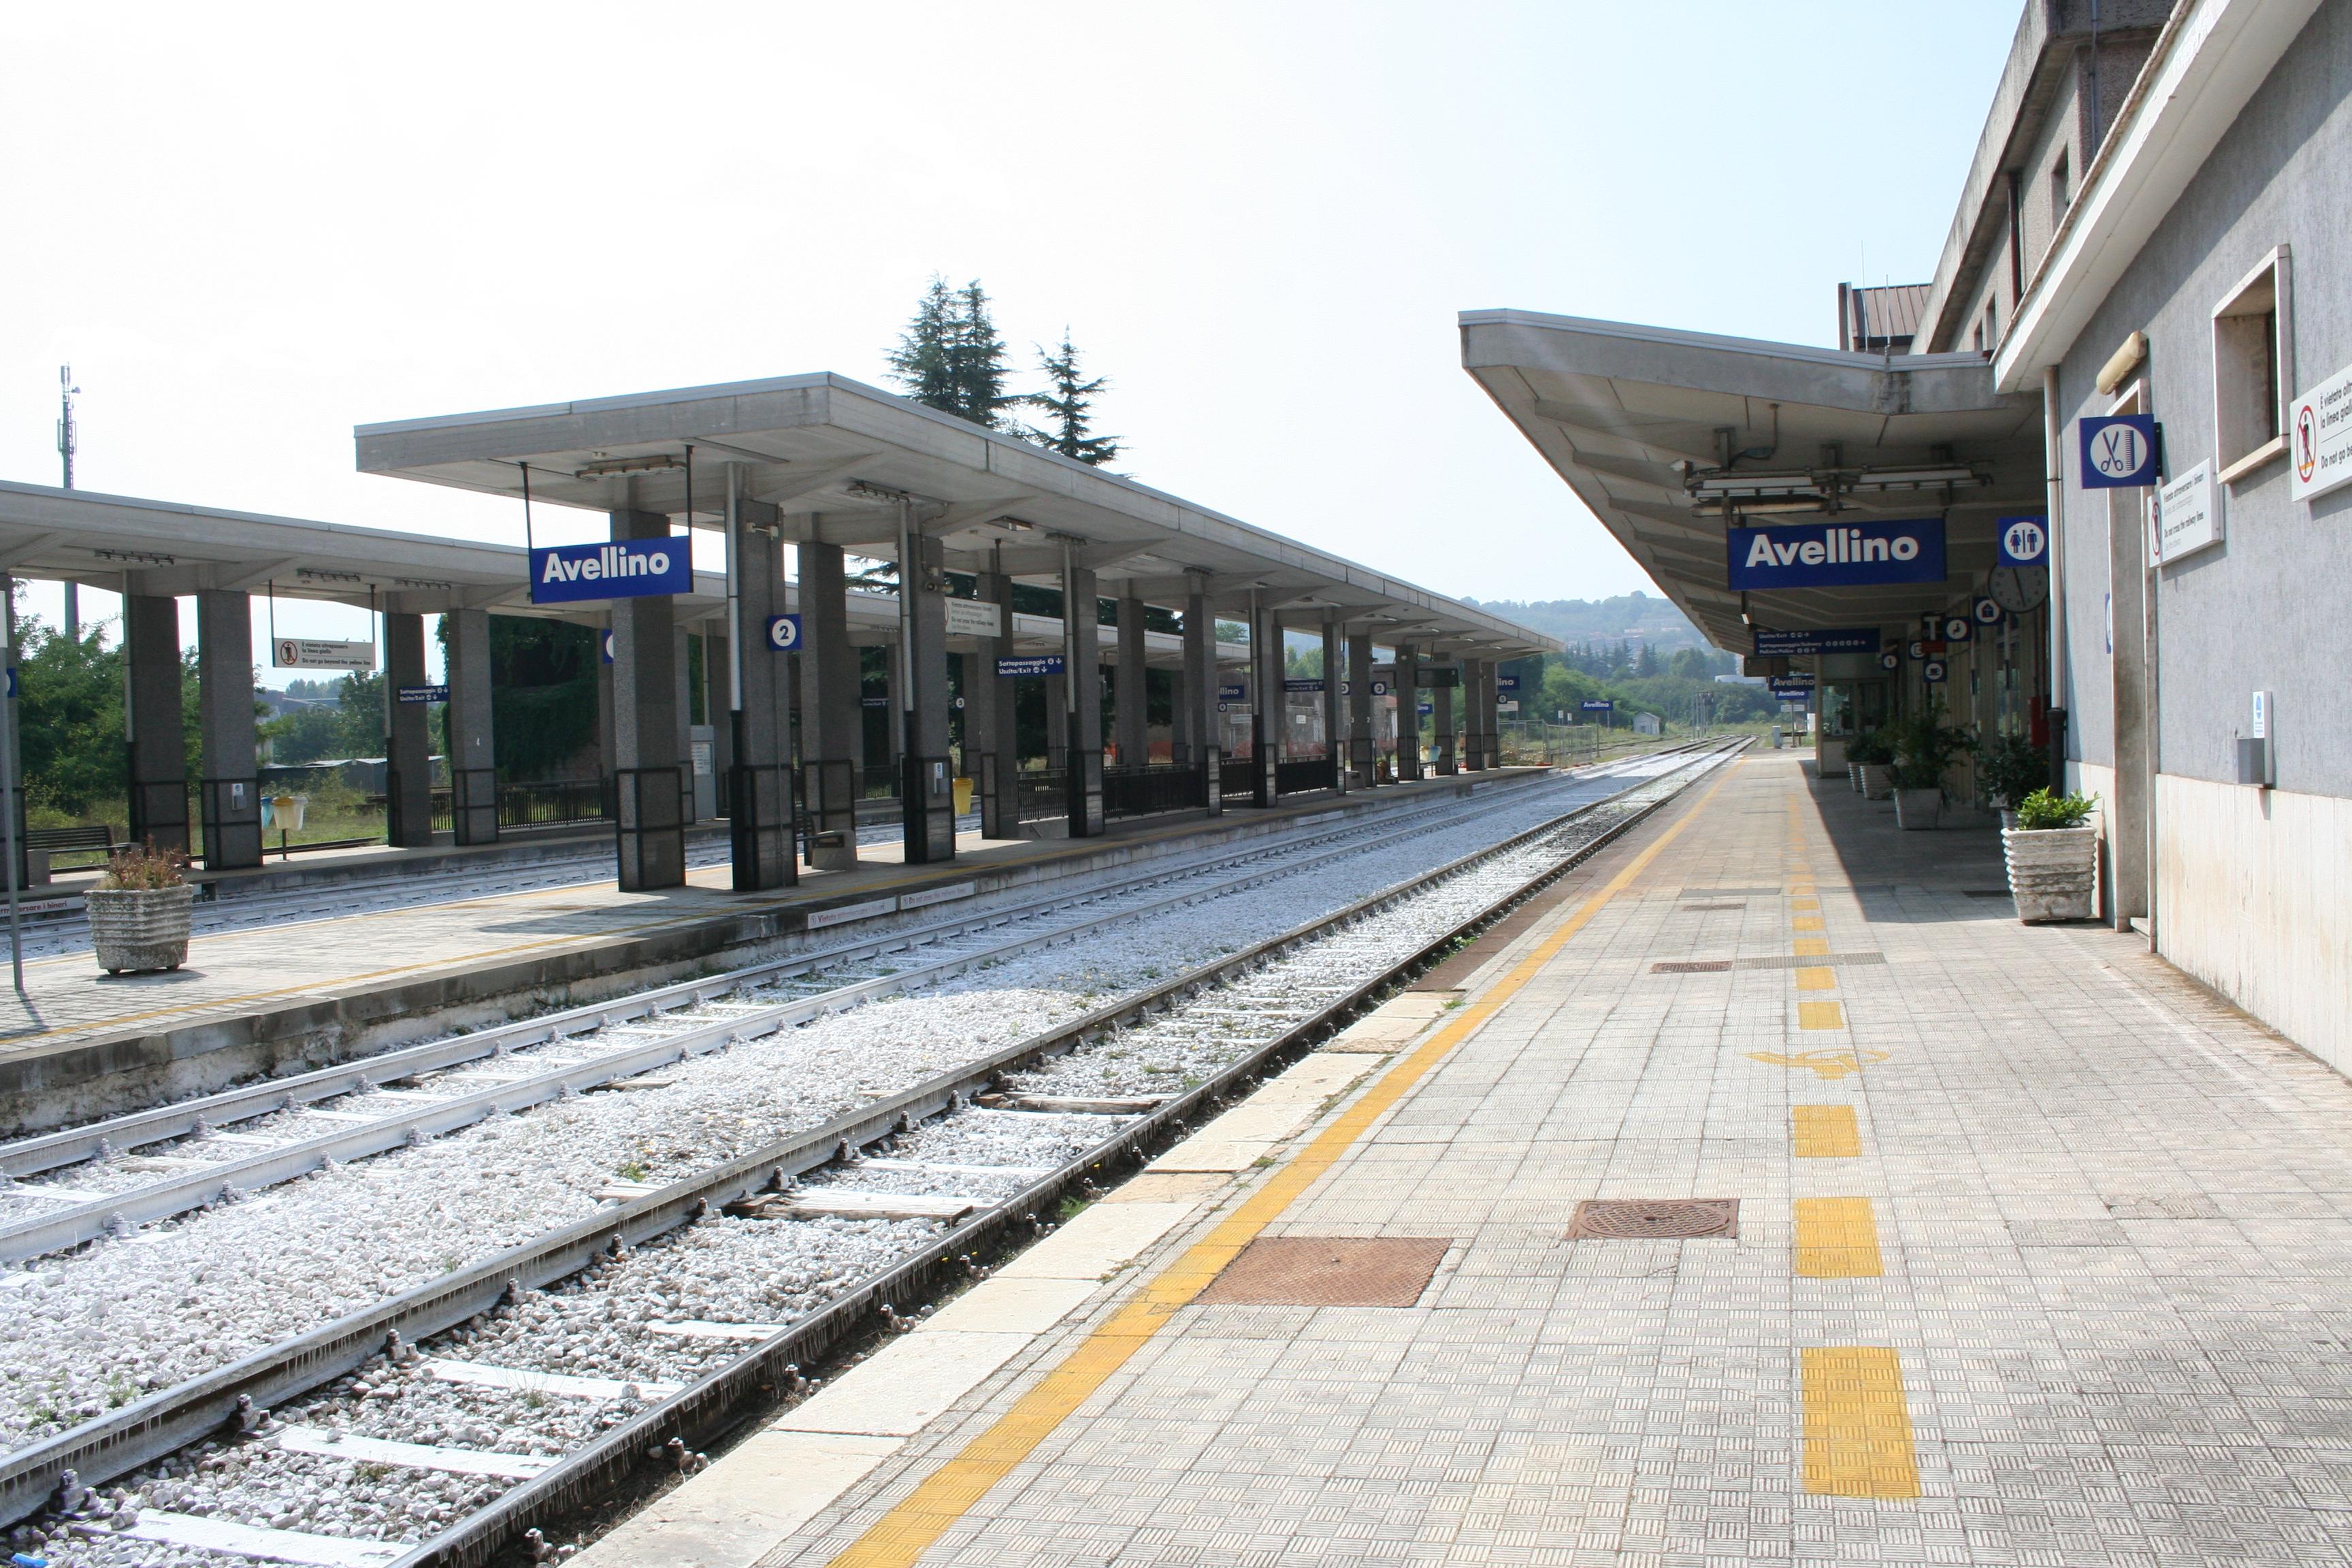 foto interno stazione vuota